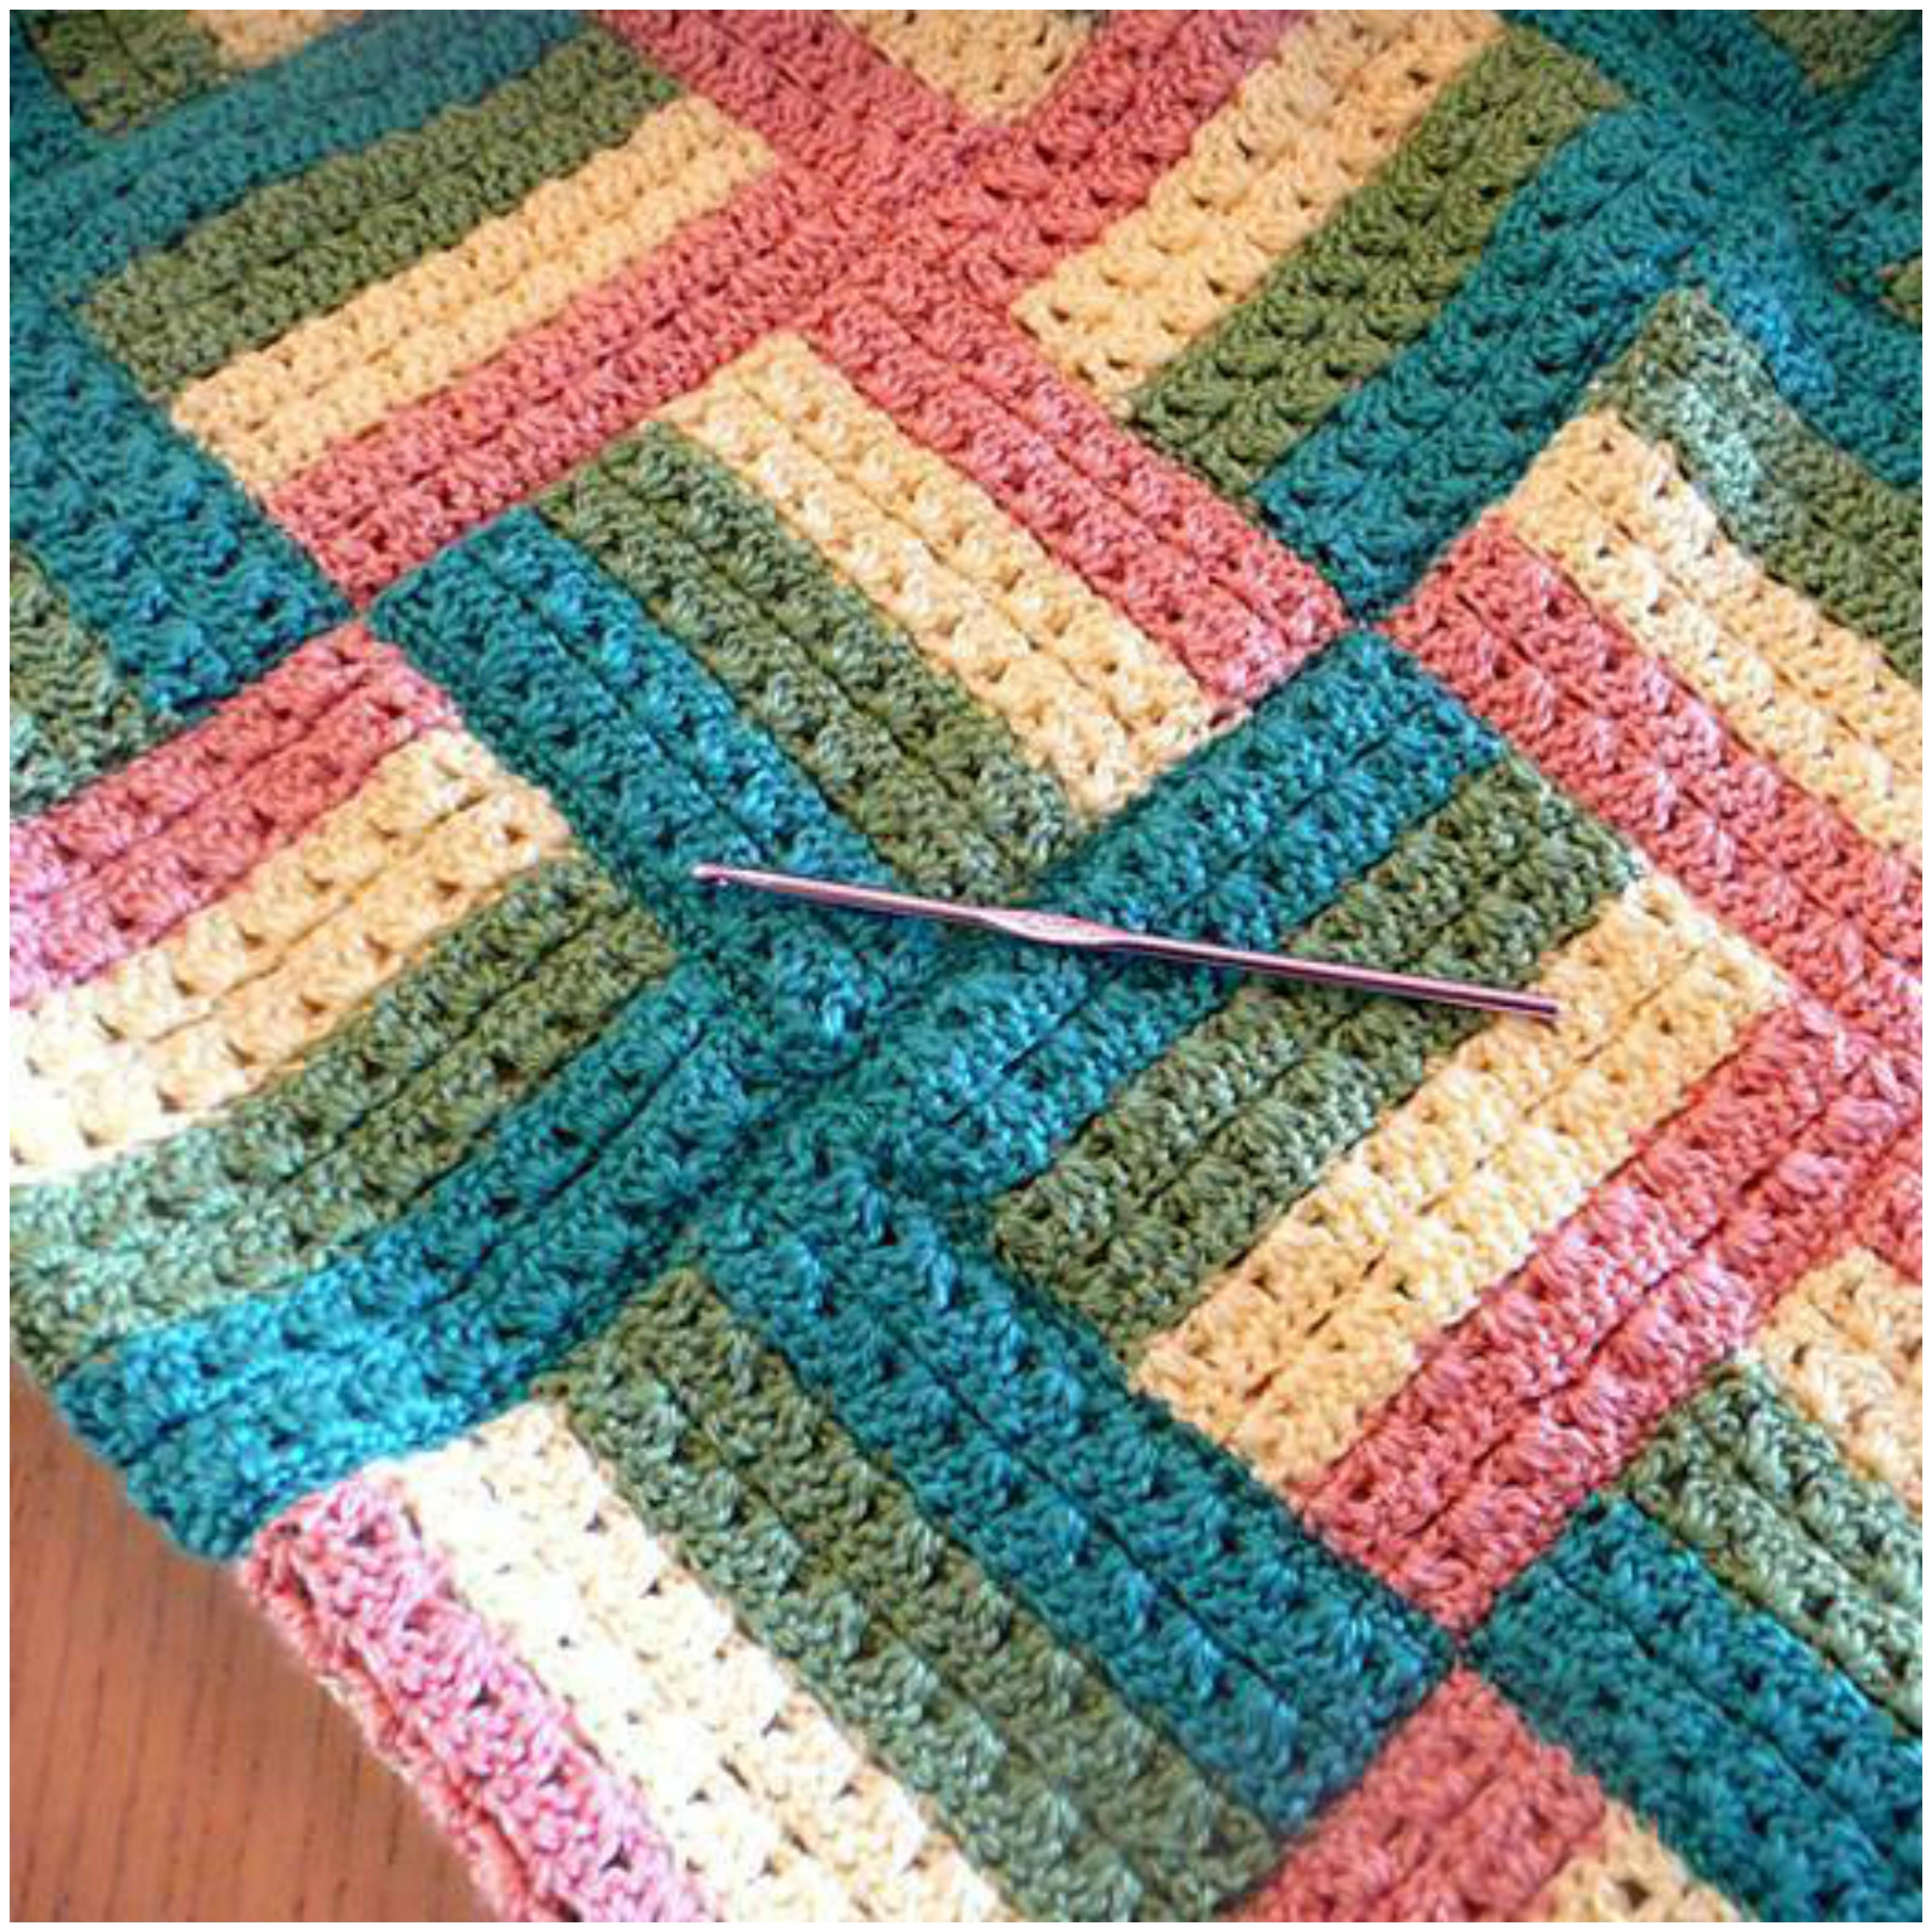 Crochet Pattern Tester 2017 : Sonoma Baby Blanket Free Crochet Pattern - ilove-crochet